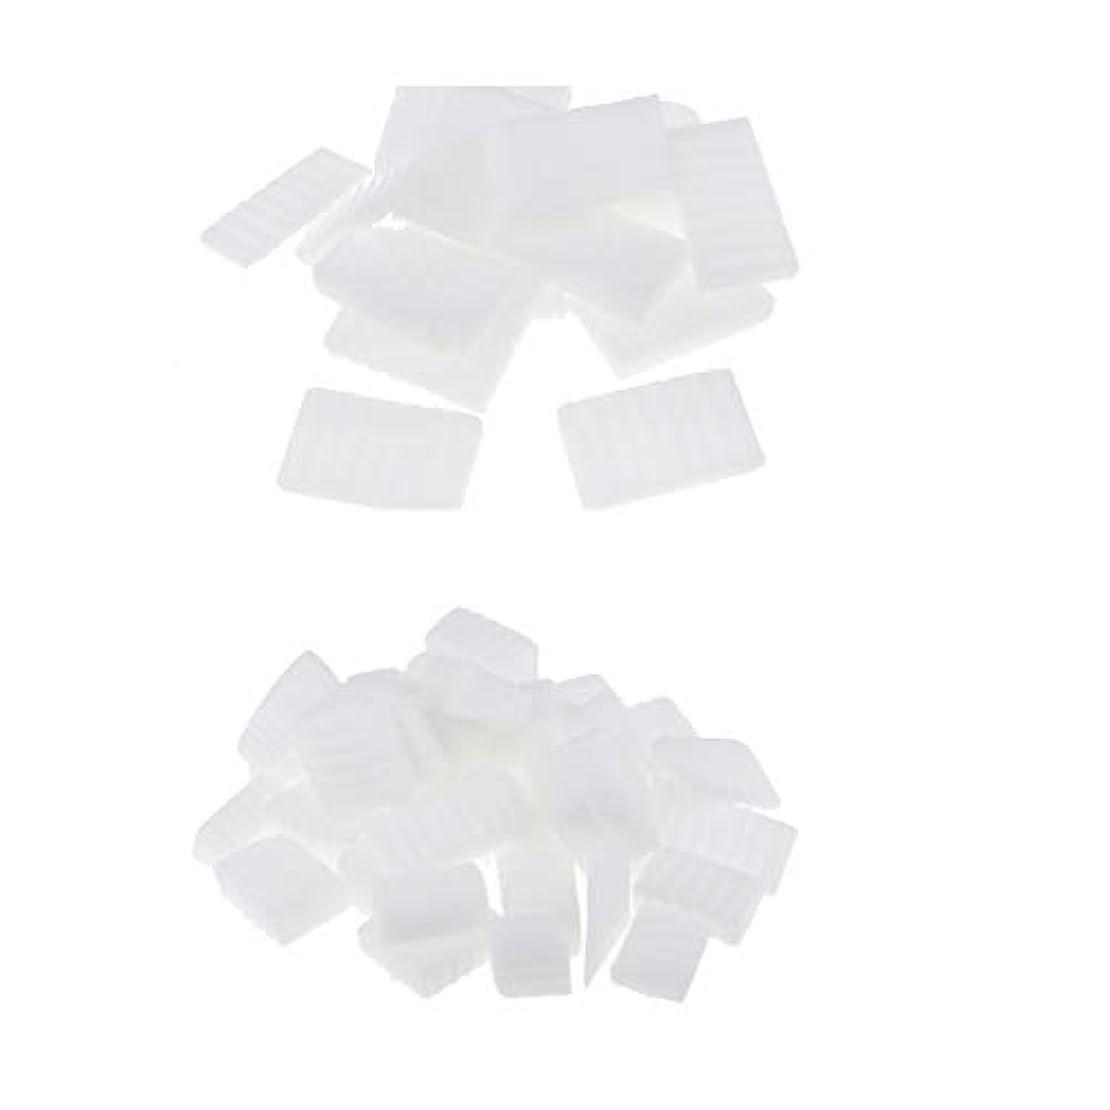 D DOLITY 石けん素地 石鹸原料 DIY 手作り 石けん用 石鹸用 豆乳石けん用 白い 1500g入り